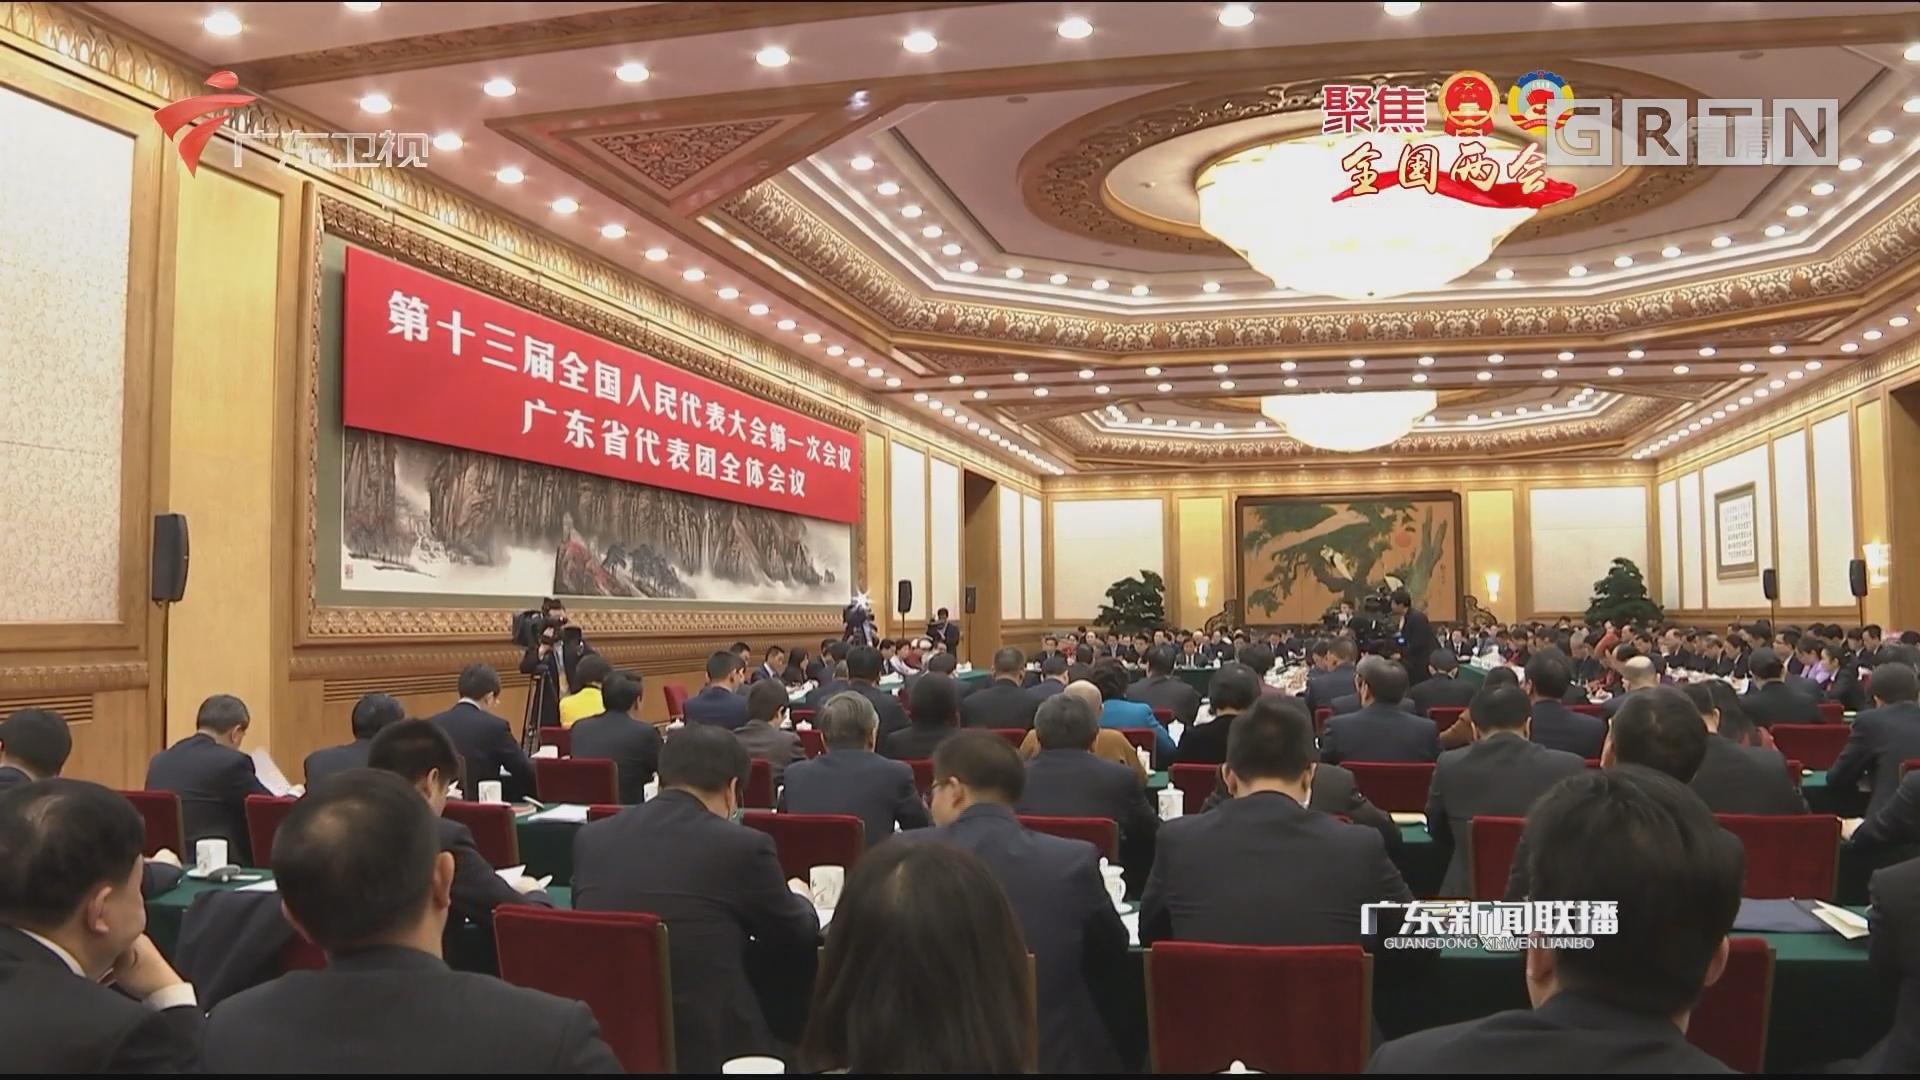 广东代表团审议宪法修正案草案 李希马兴瑞作发言